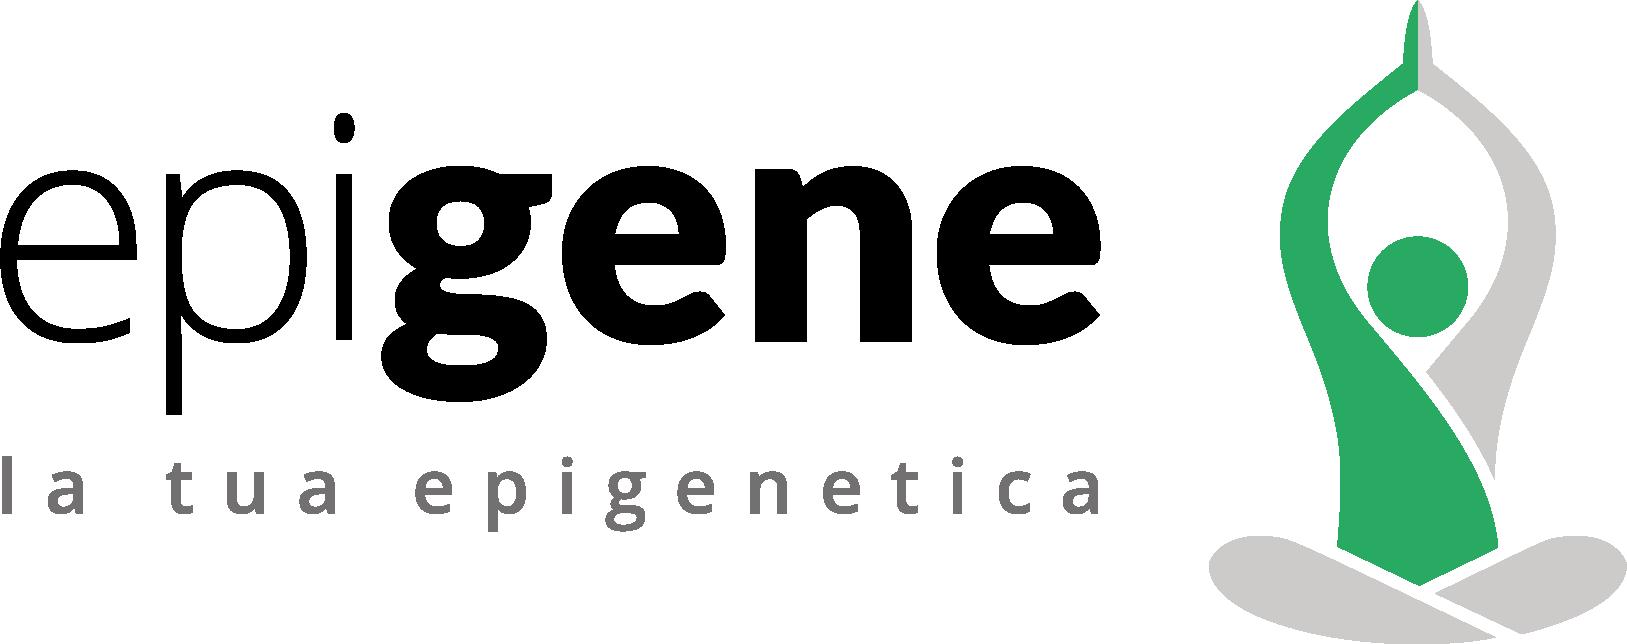 epigene